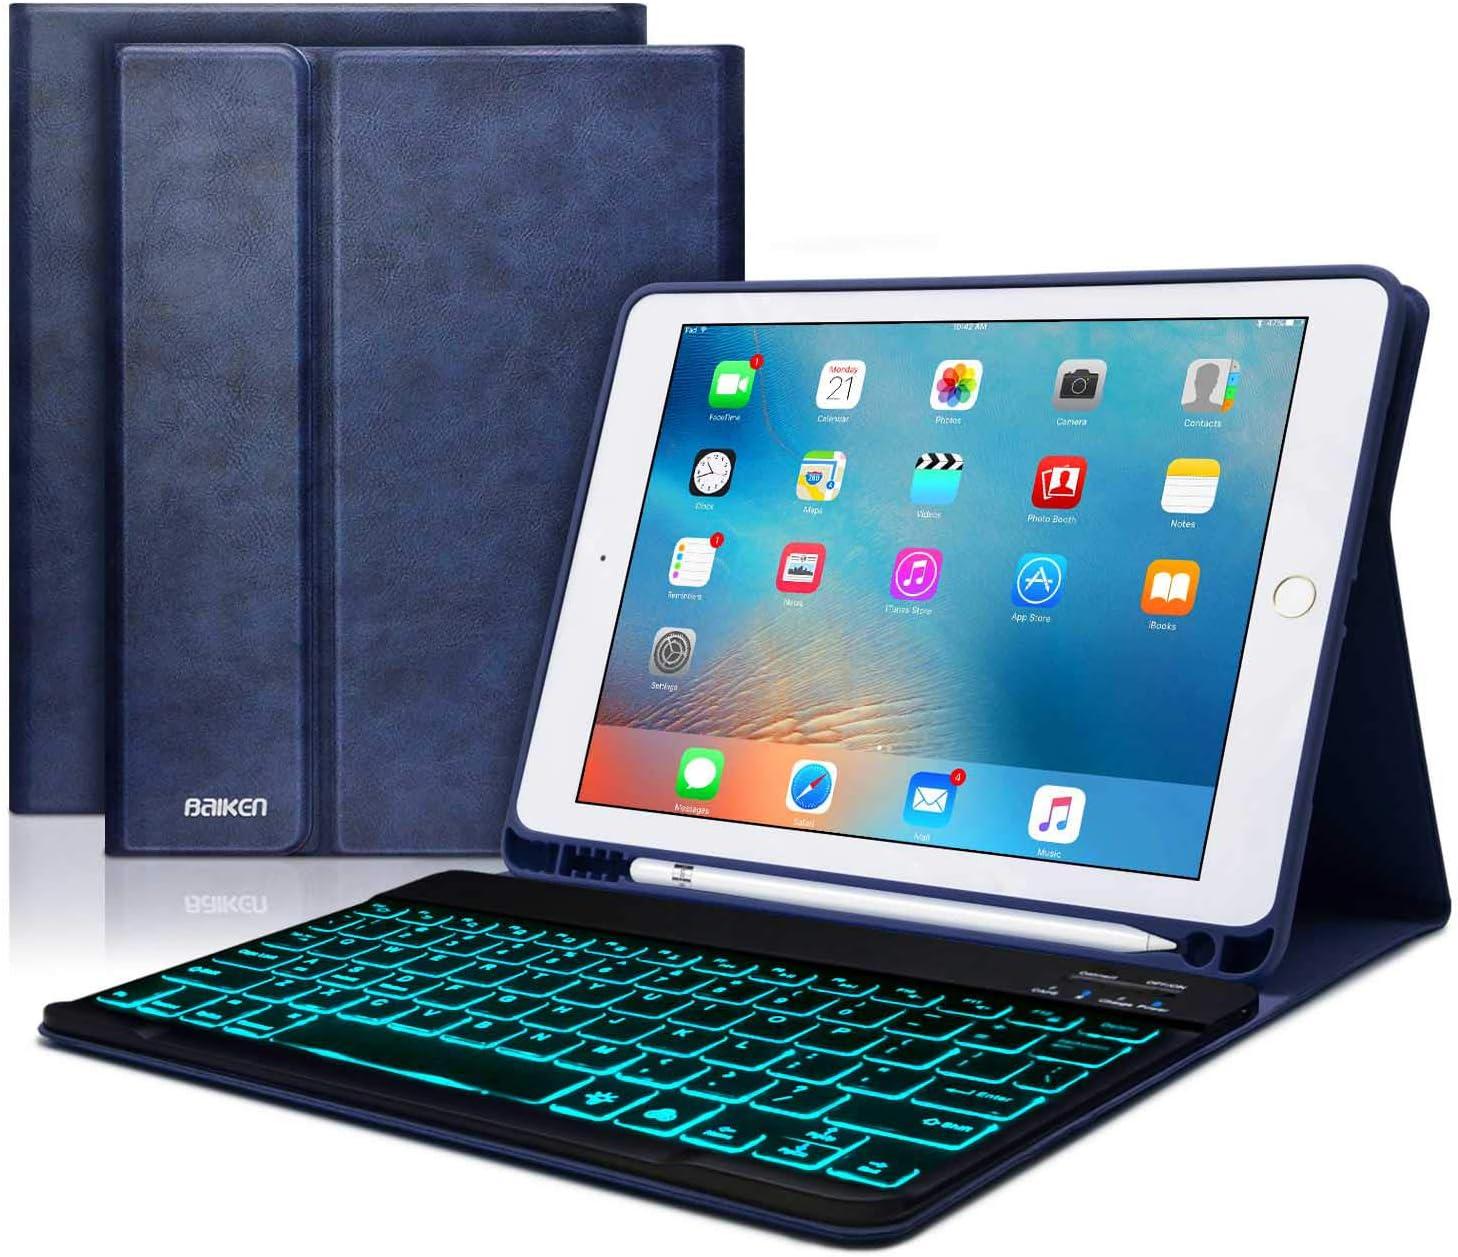 iPad 9.7 Keyboard Case for iPad 6th Gen 2018 -iPad 9.7 2017 -iPad Pro 9.7 -iPad Air 2&1 -iPad Case with Backlit Keyboard and Pencil Holder-Bluetooth Removable Keyboard